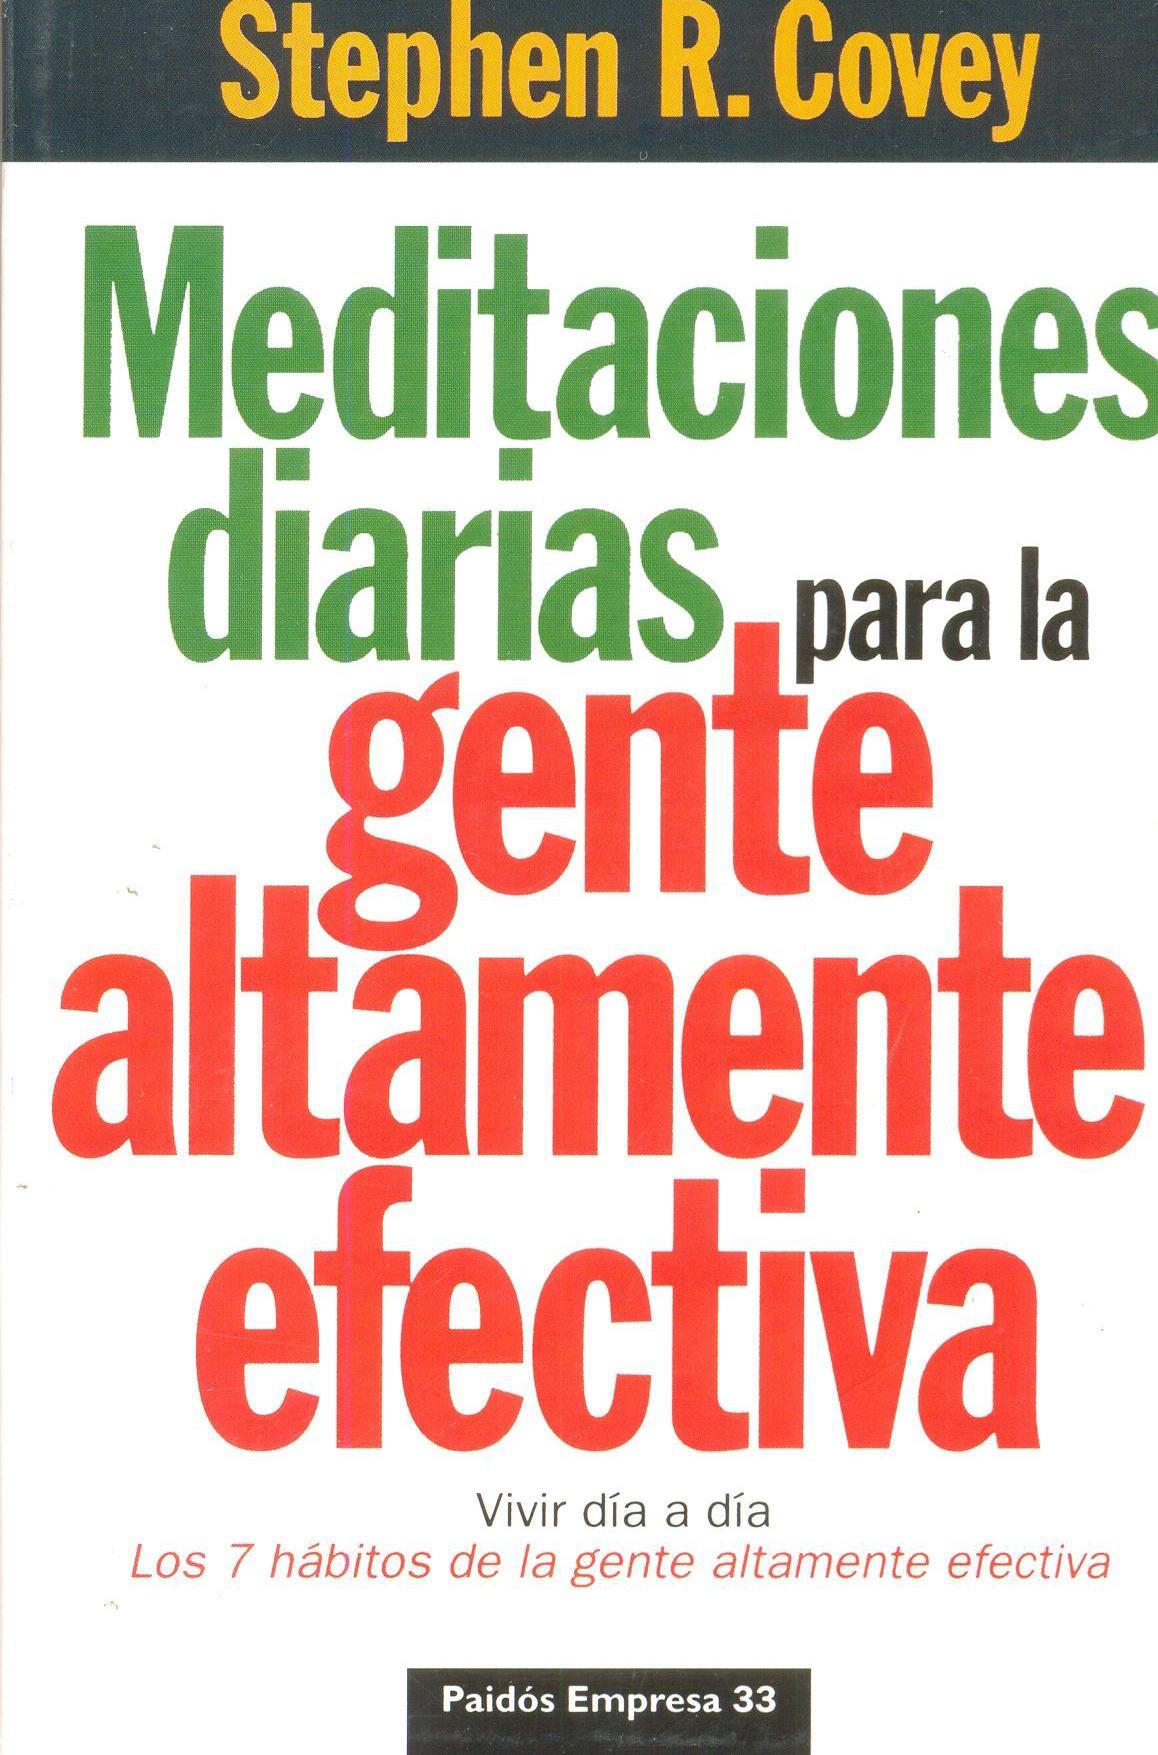 MEDITACIONES DIARIAS PARA LA GENTE ALTAMENTE  EFECTIVA. Covey.R, S.